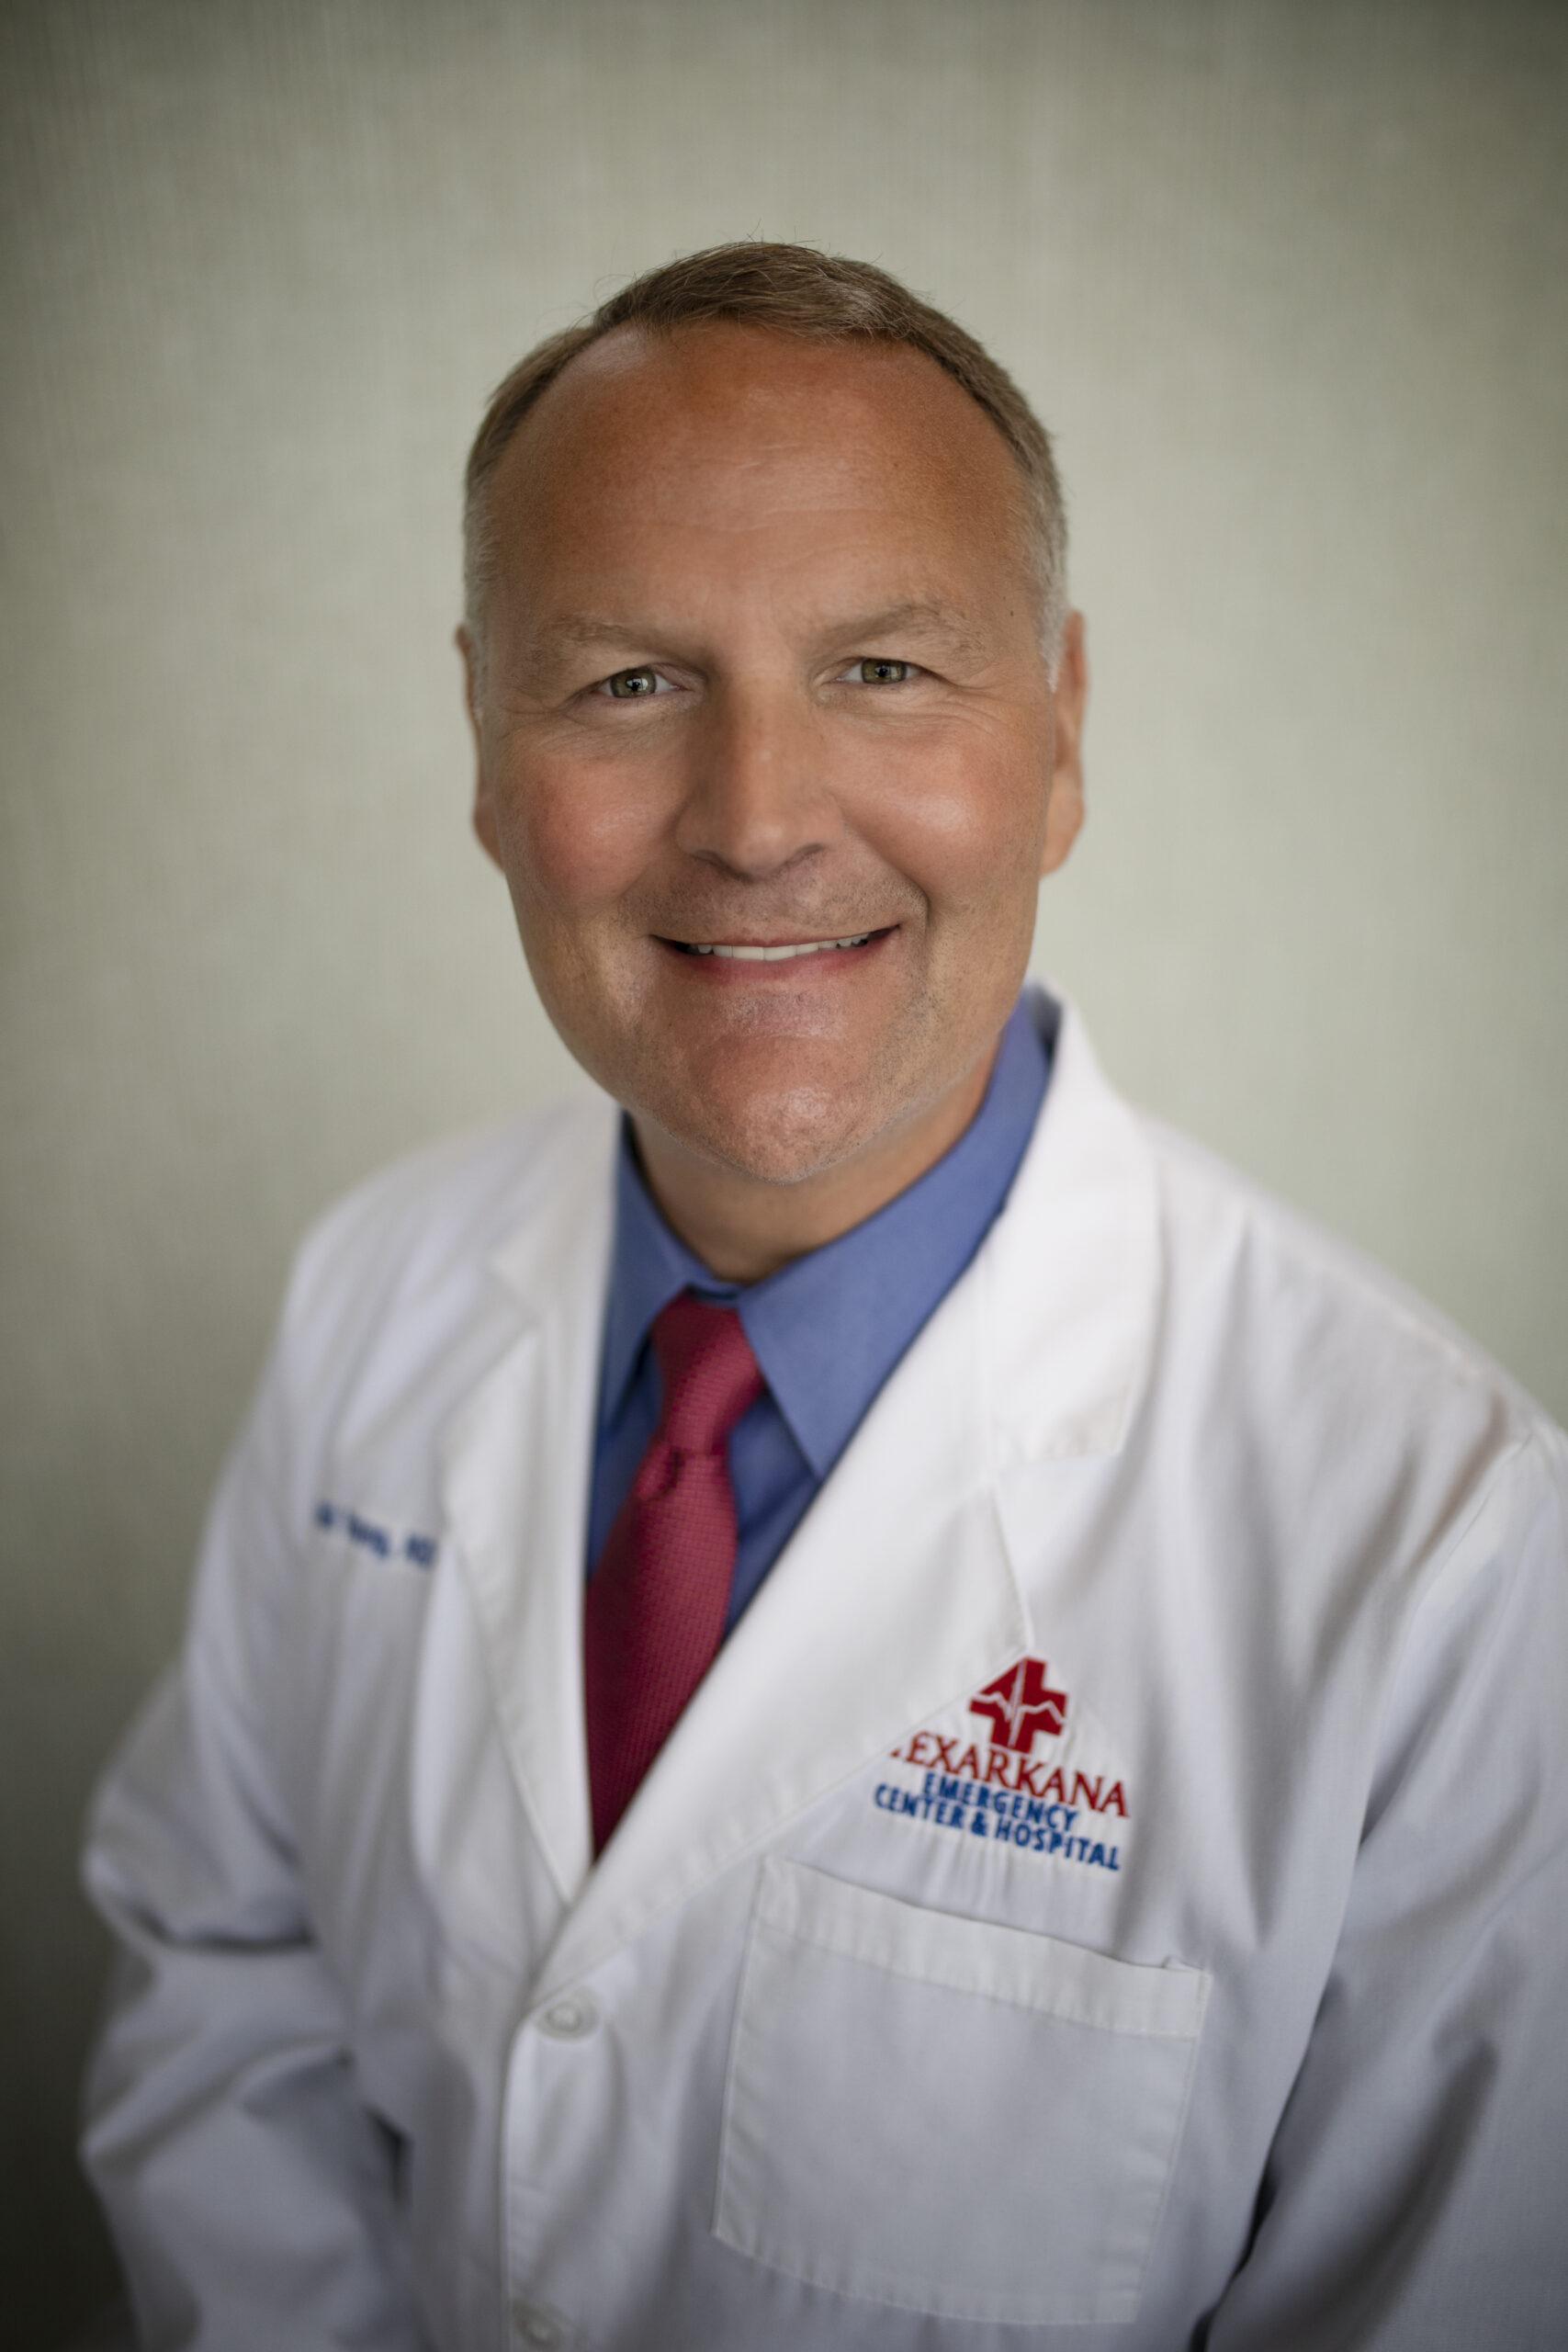 Dr. Matt Young